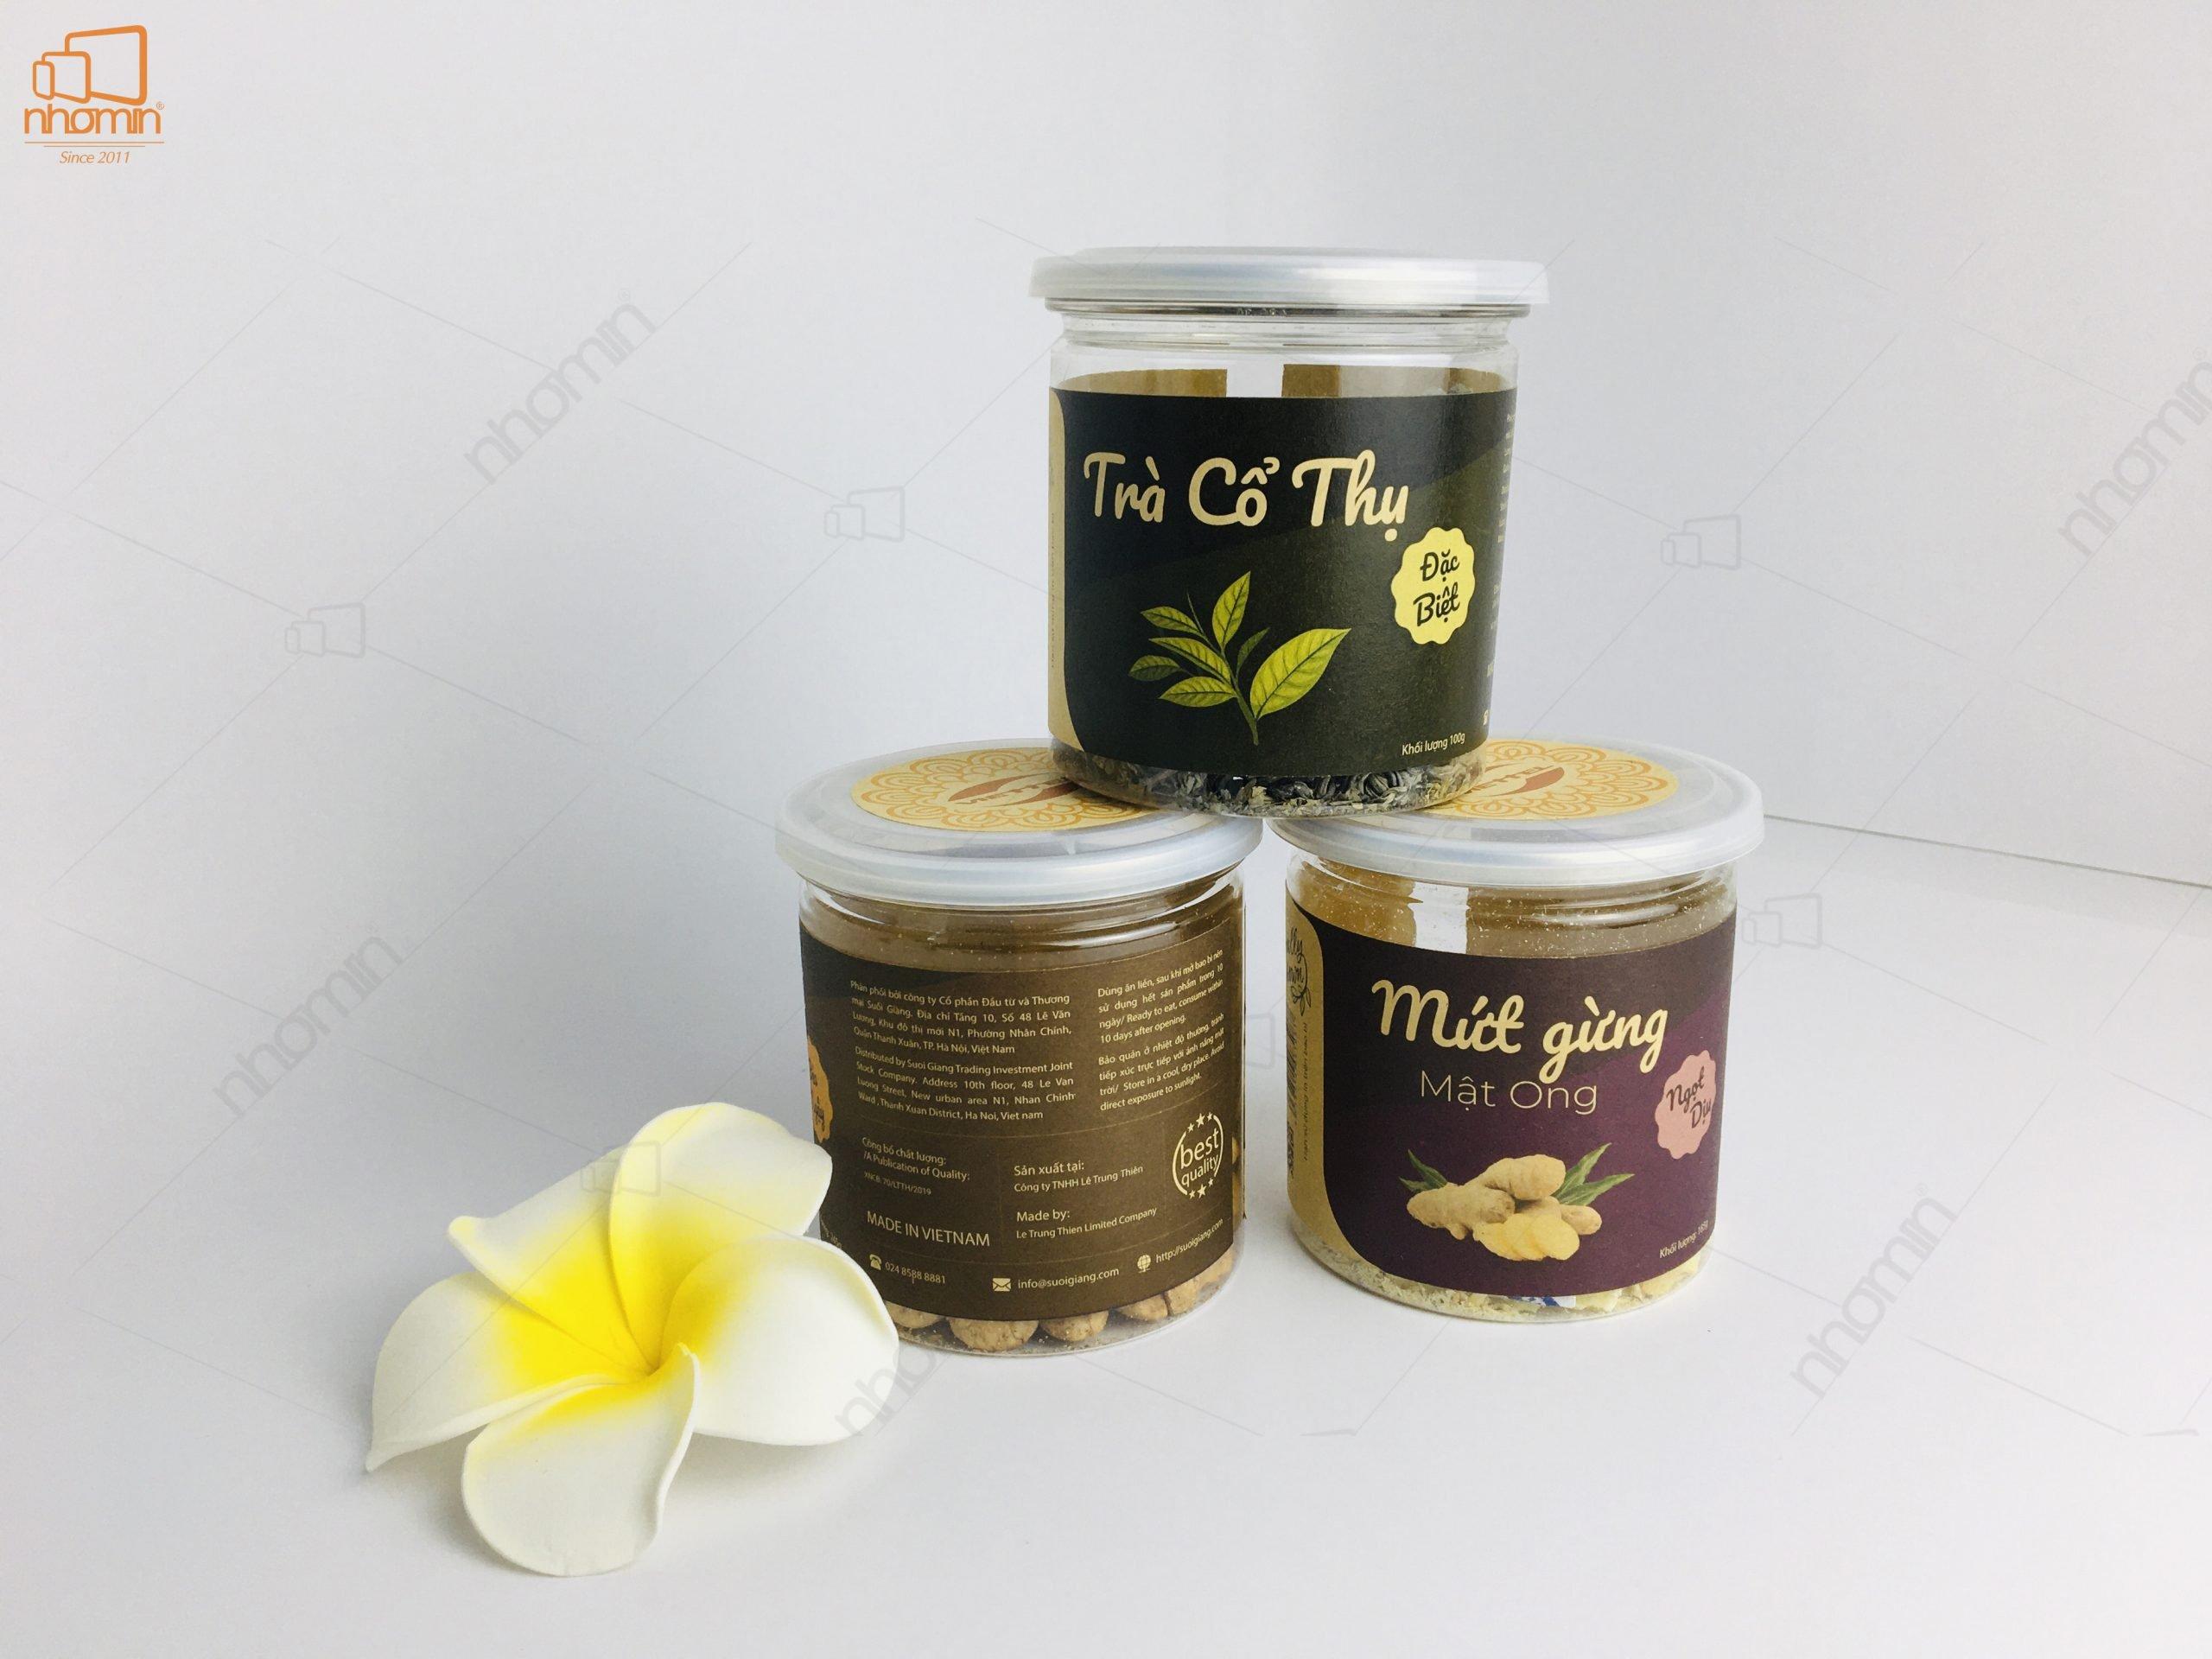 Nhãn bộ sản phẩm quà tặng Viettel - Nhóm In sản xuất